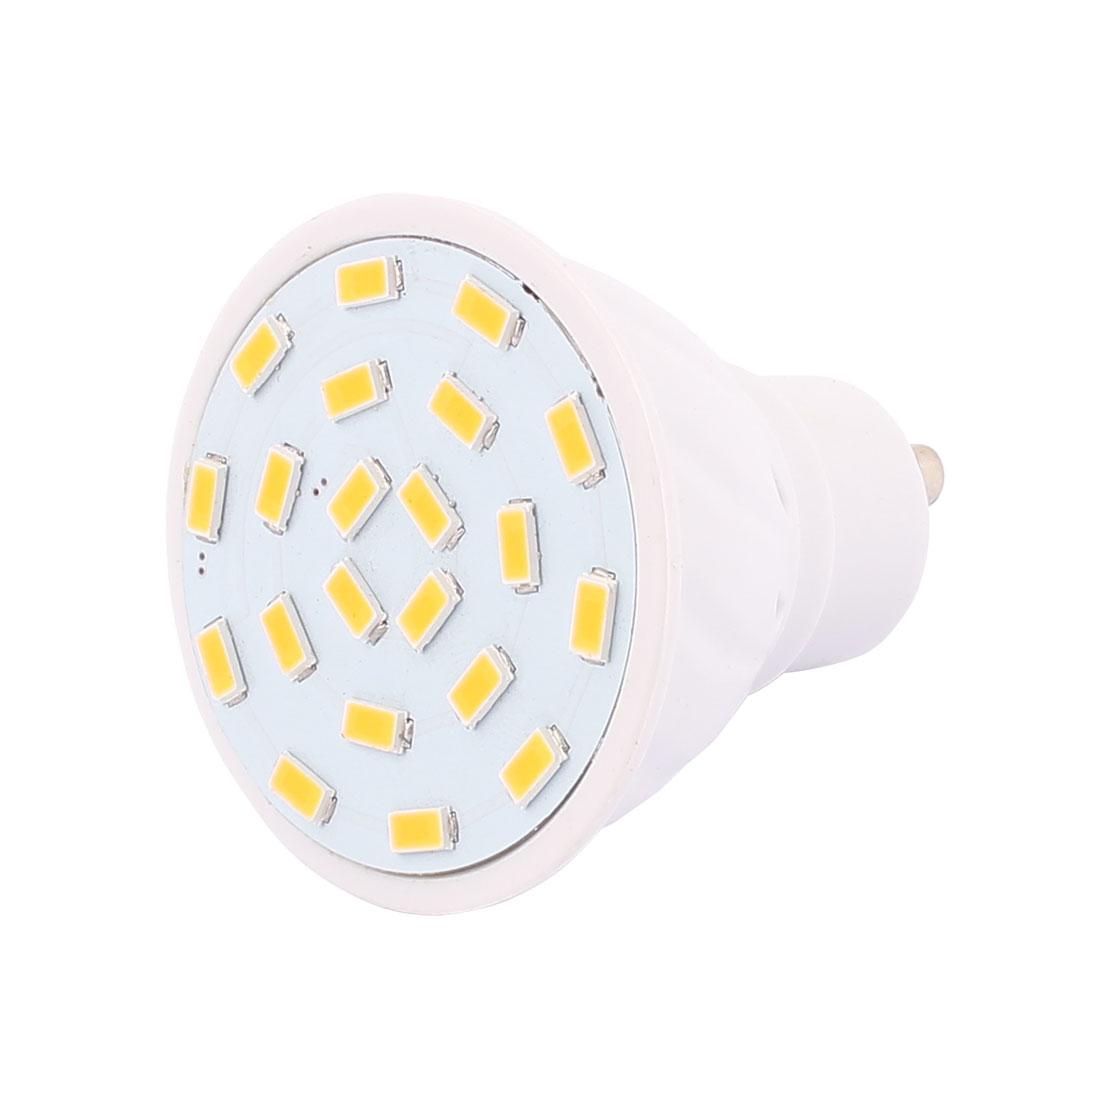 220V GU10 LED Light 3W 5730 SMD 21 LEDs Spotlight Down Lamp Bulb Warm White